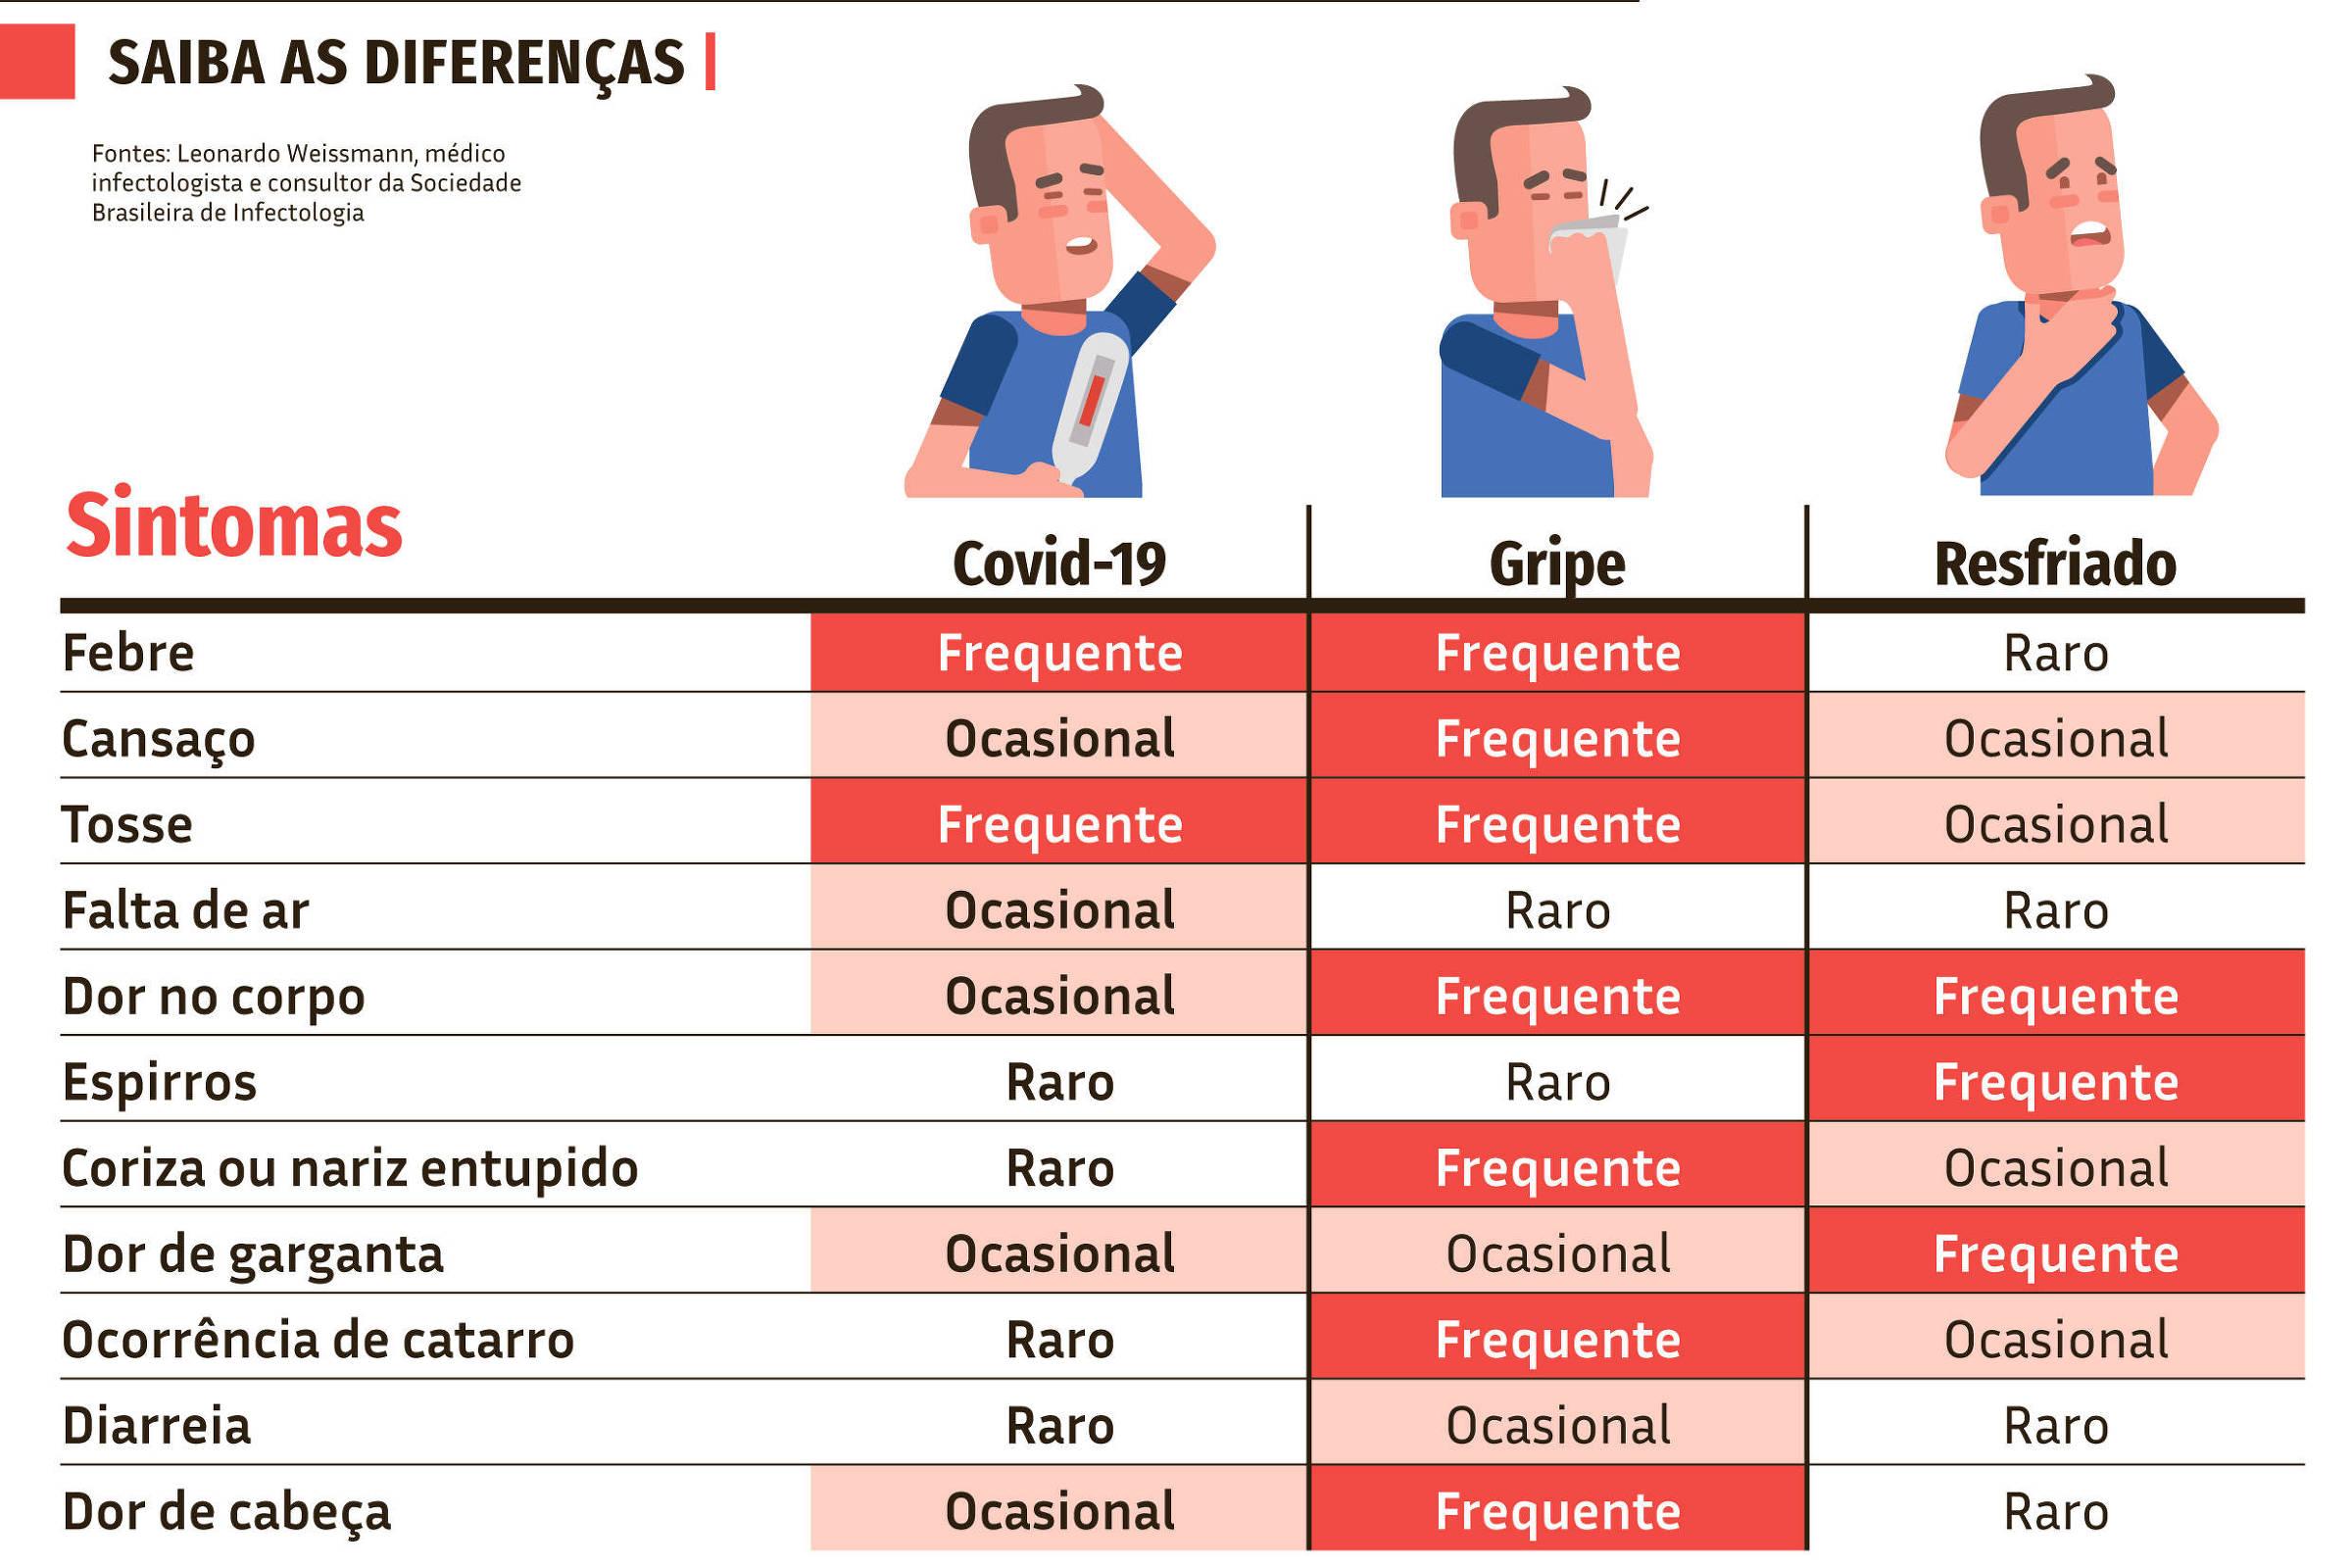 Falta De Ar E Sinal De Alerta Para O Coronavirus Dizem Especialistas 31 03 2020 Sao Paulo Agora